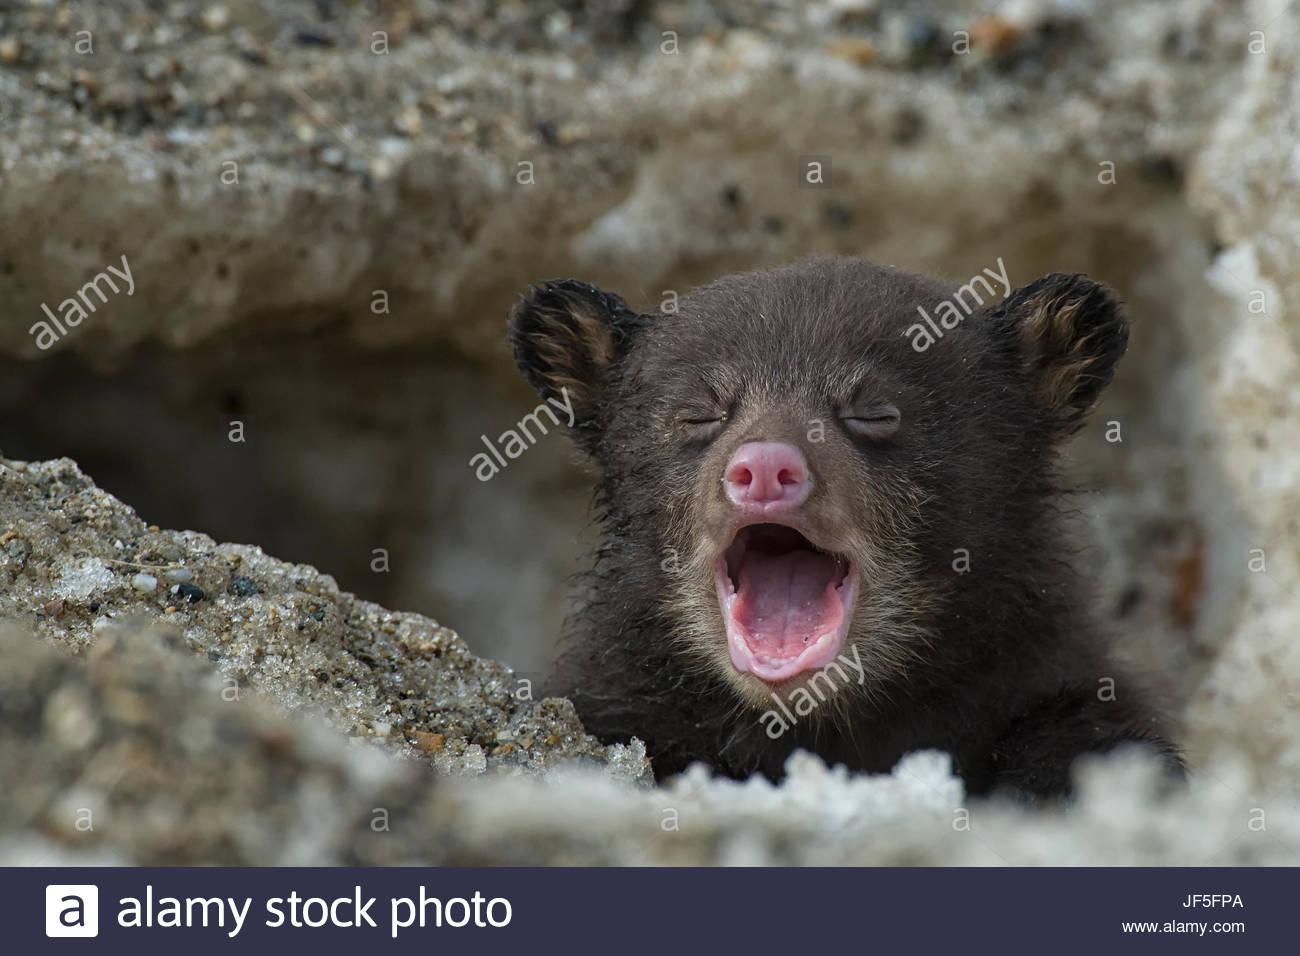 Una semanas Black Bear Cub llorando como sale de su guarida para la primera vez. Imagen De Stock